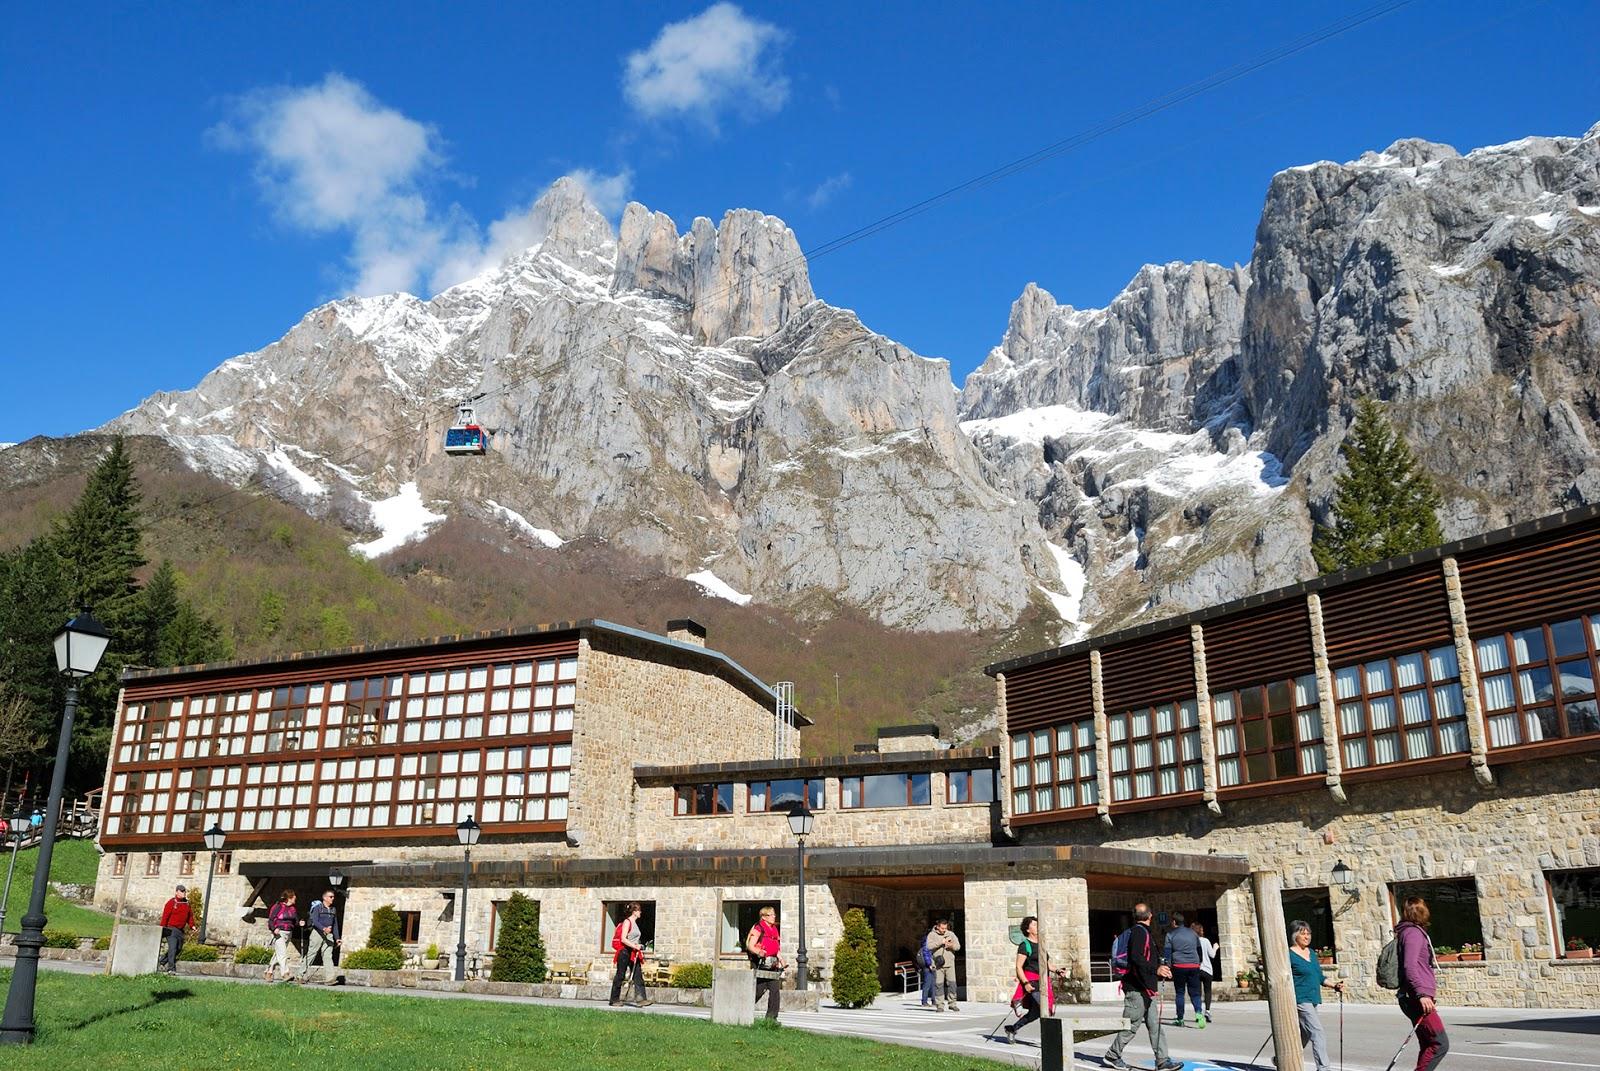 fuente dé cantabria picos europa españa montaña teleferico aerial cable car spain mountain hotel parador